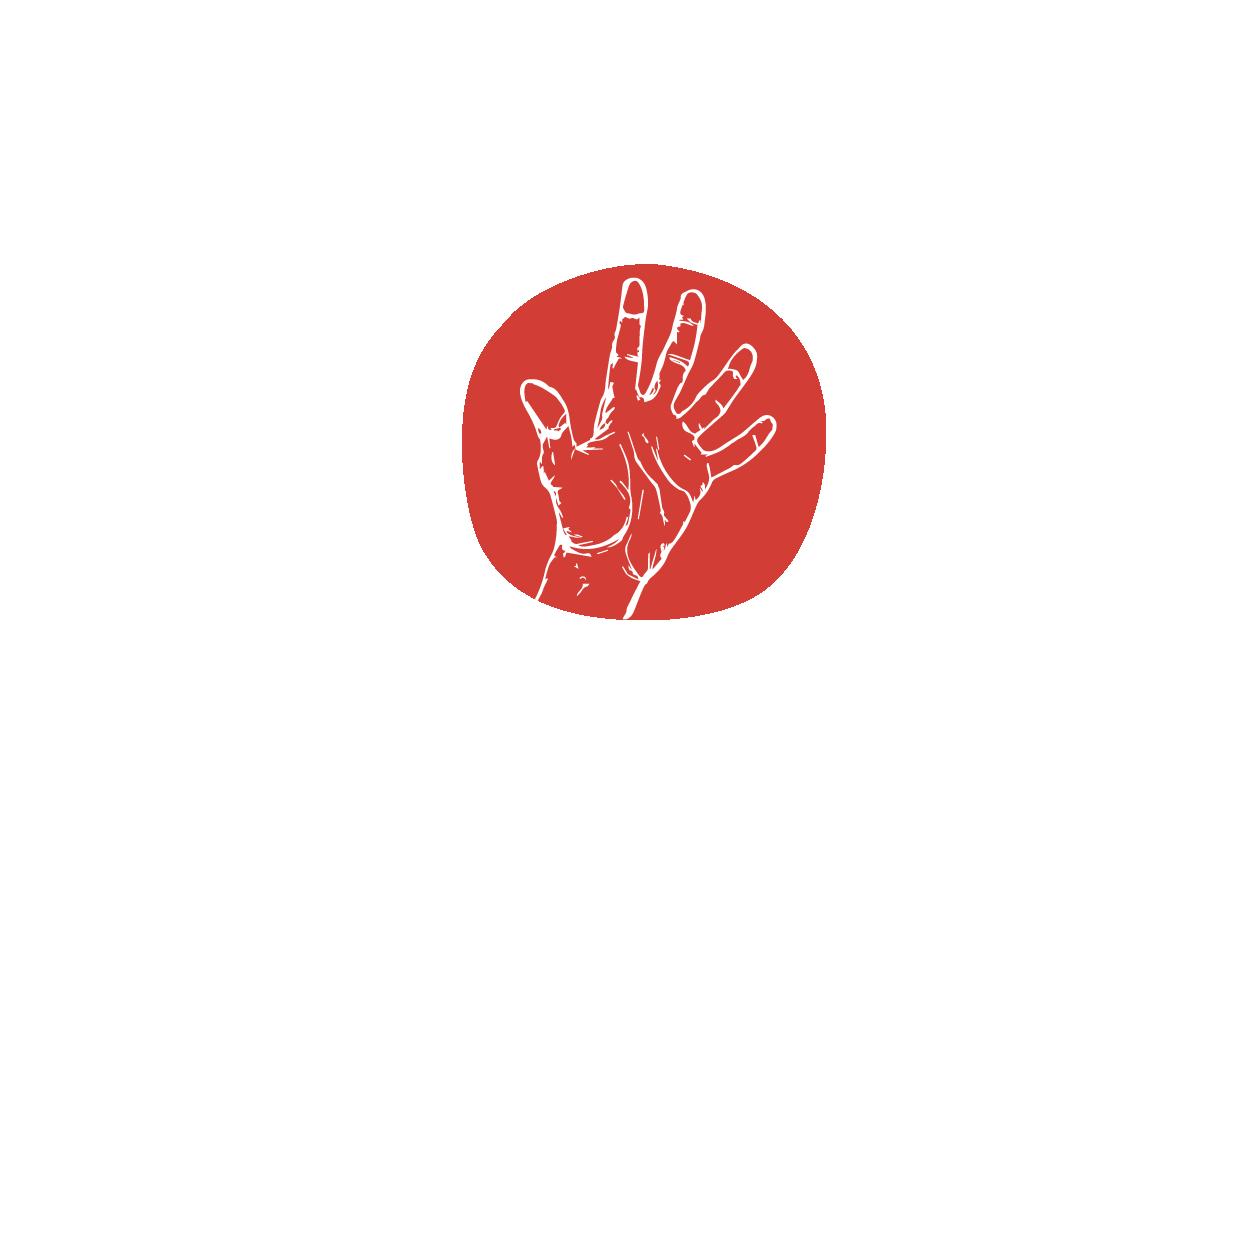 Handtherapie Logo, Ergotherapie Logo, Ergotherapie im Jägerhof, Logogestaltung